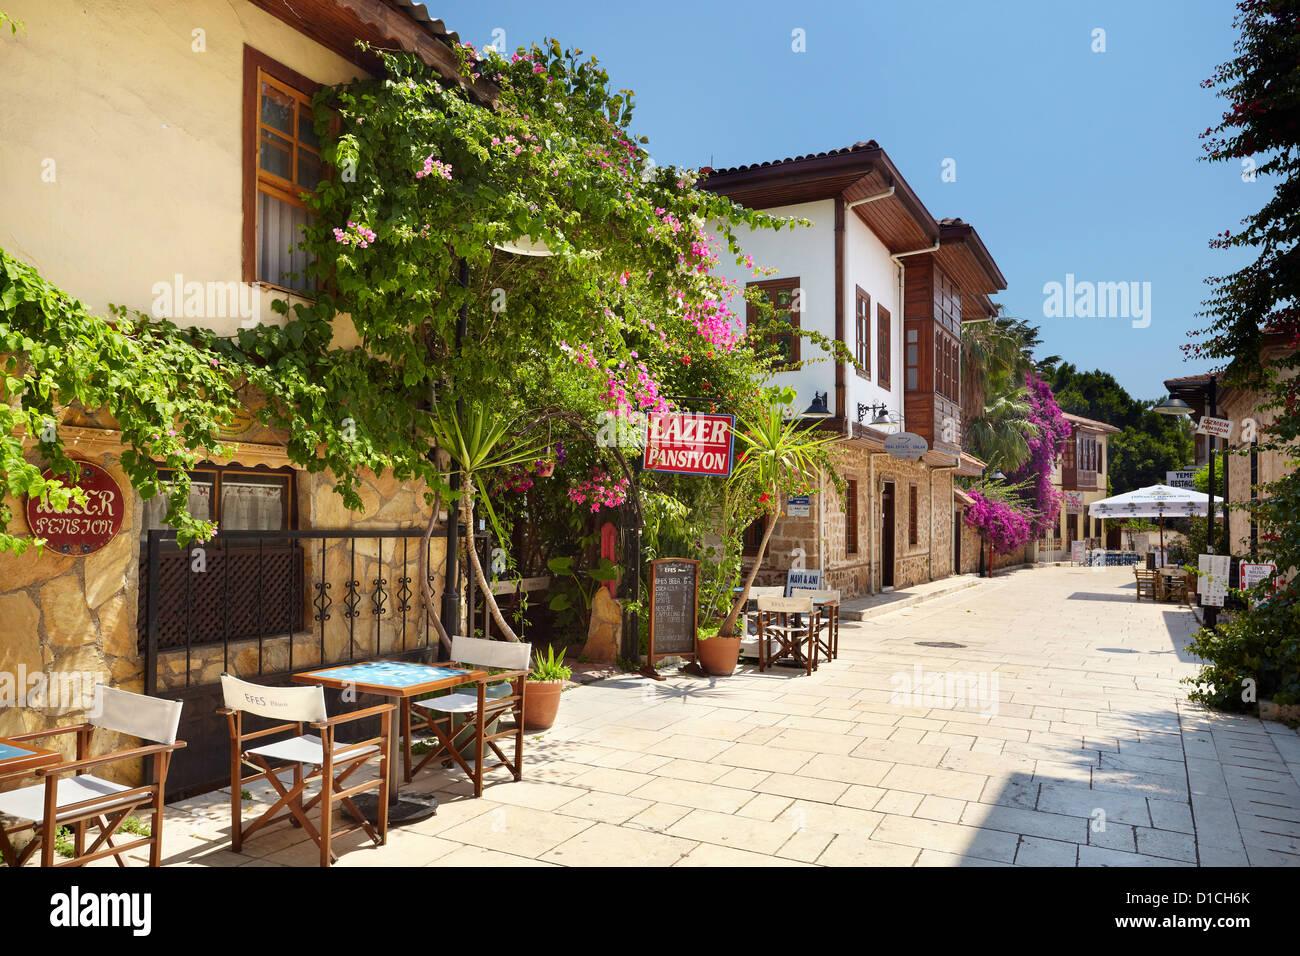 Kaleici Old Town, Antalya, Turkey - Stock Image